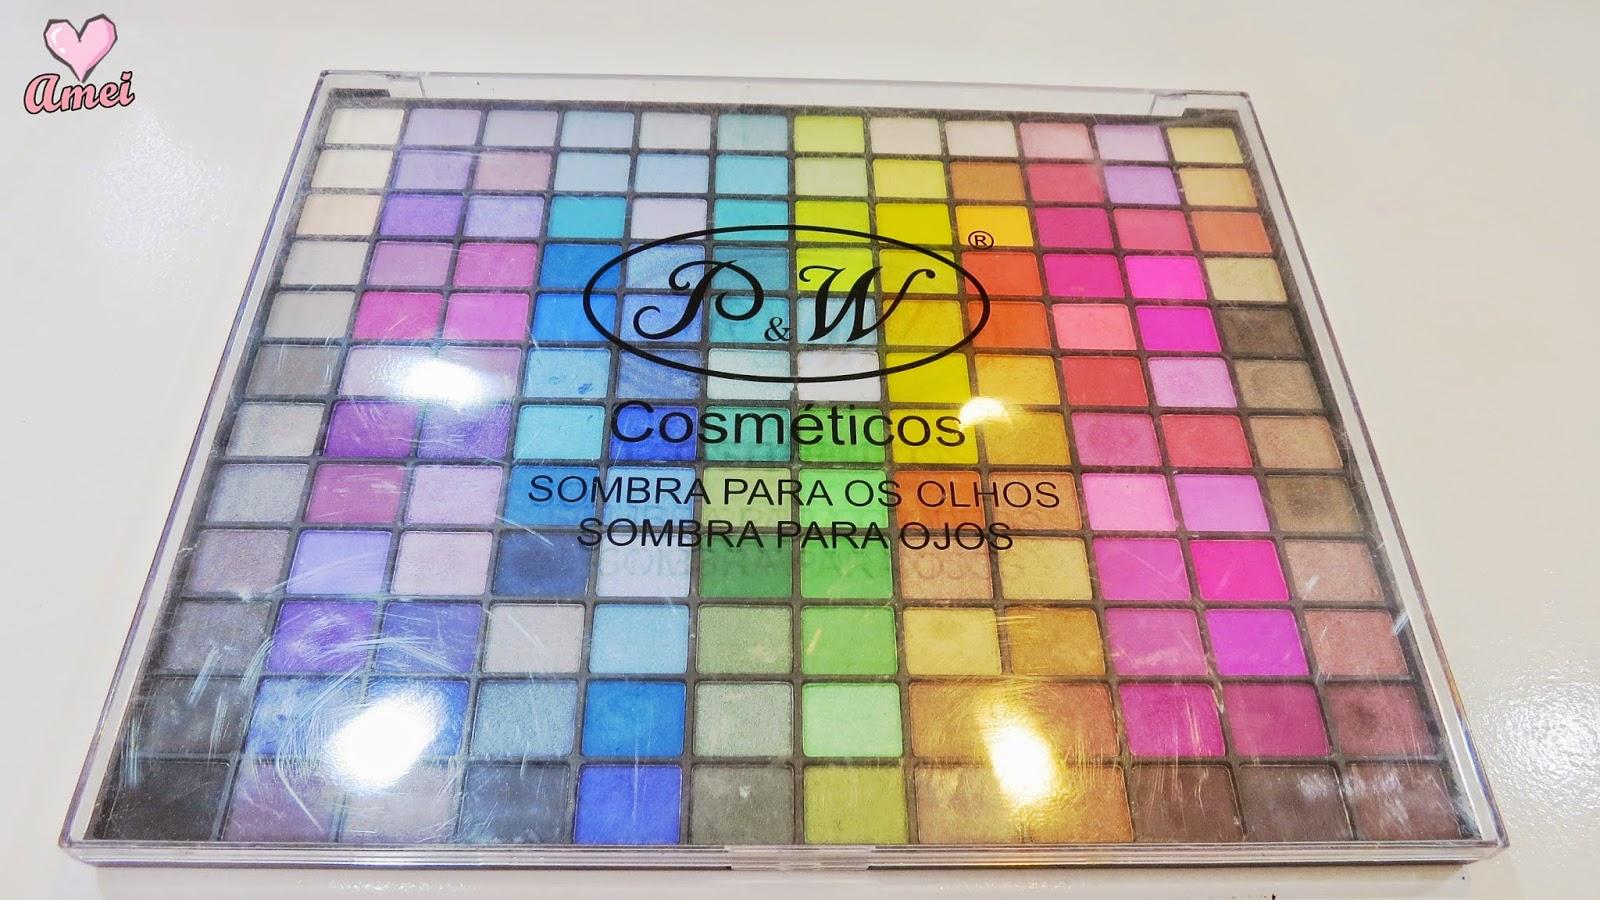 Resenha Paleta De Sombras P&W MK1440 (144 Cores)